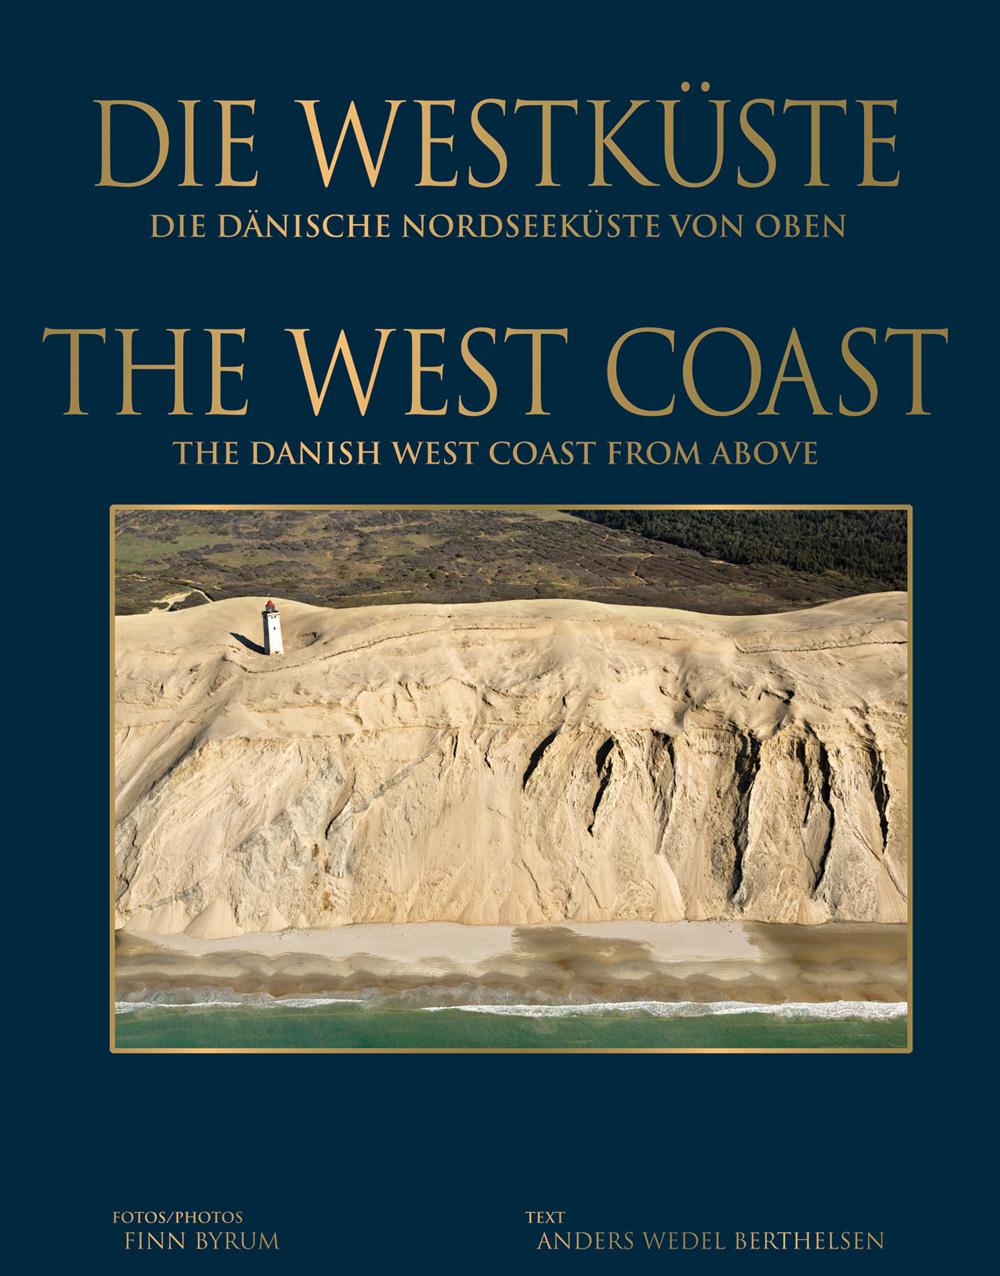 Die Westküste von Oben - Finn Byrum Anders Wedel Bertelsen - Bøger - Globe - 9788779007635 - 10/11-2009